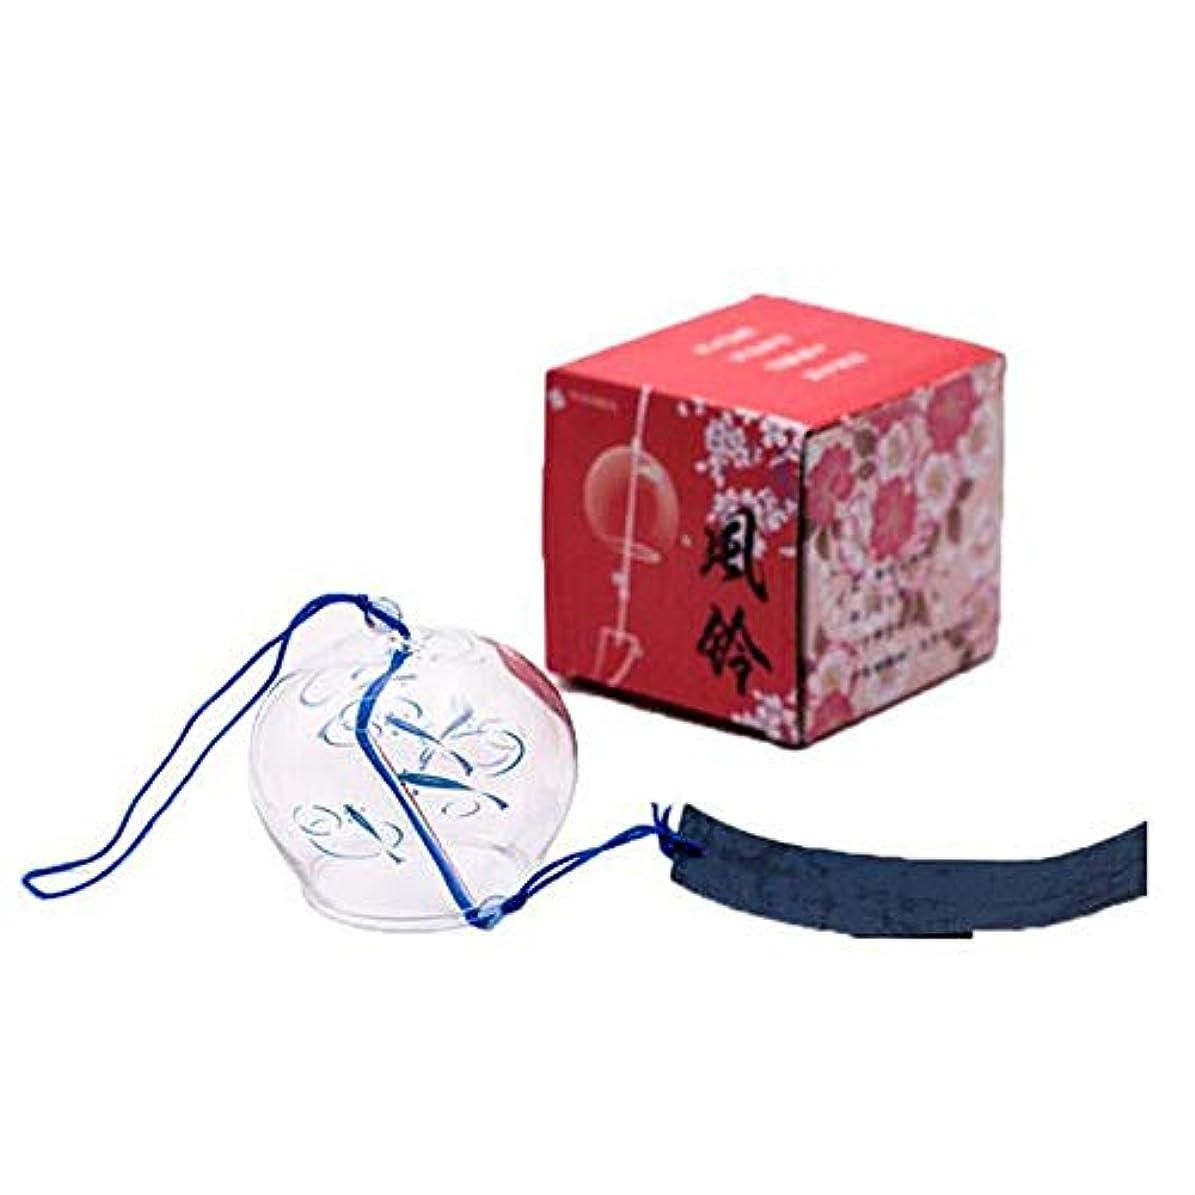 死分散実際のAishanghuayi 風チャイム、ガラス素材ホームクリエイティブ風チャイム、パープル、40cm程度の長さの合計,ファッションオーナメント (Color : Blue)